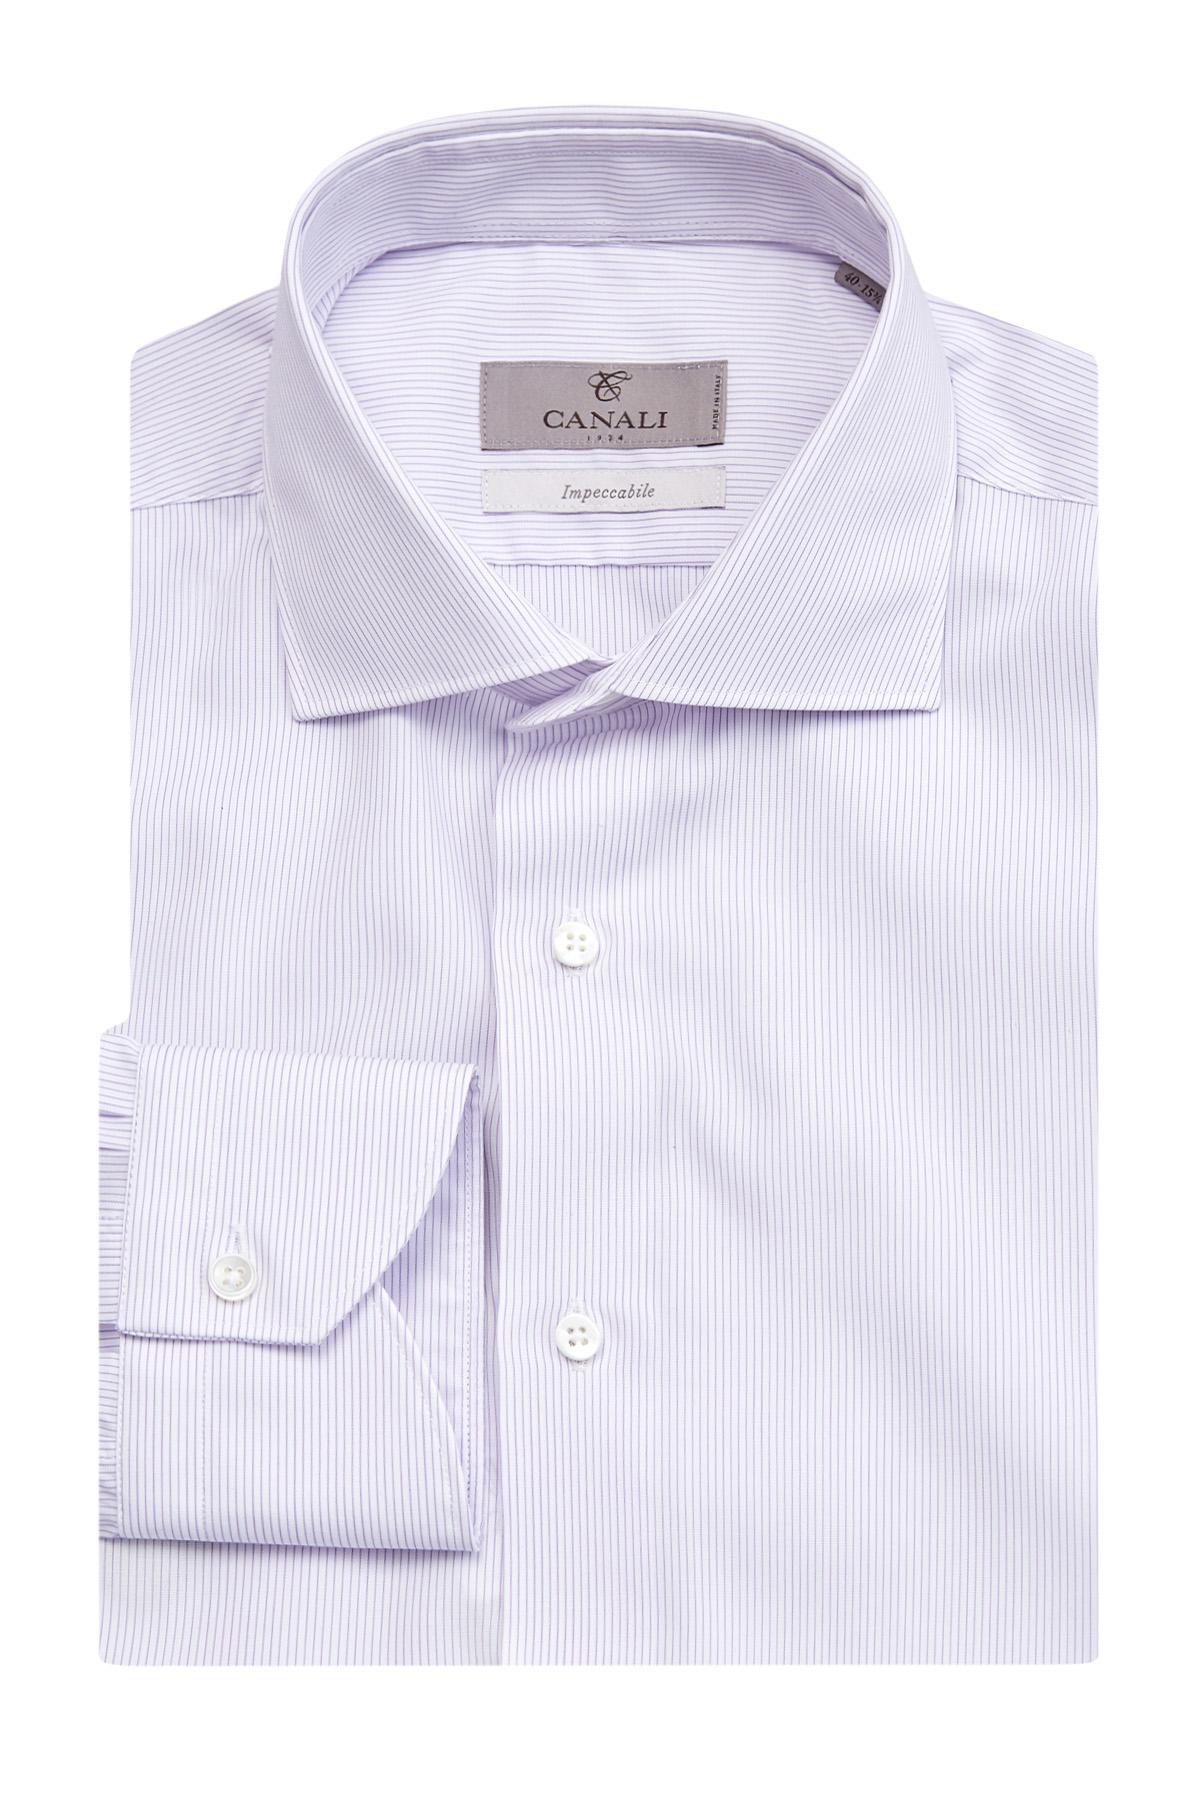 Рубашка из поплина Impeccabile с принтом в полоску